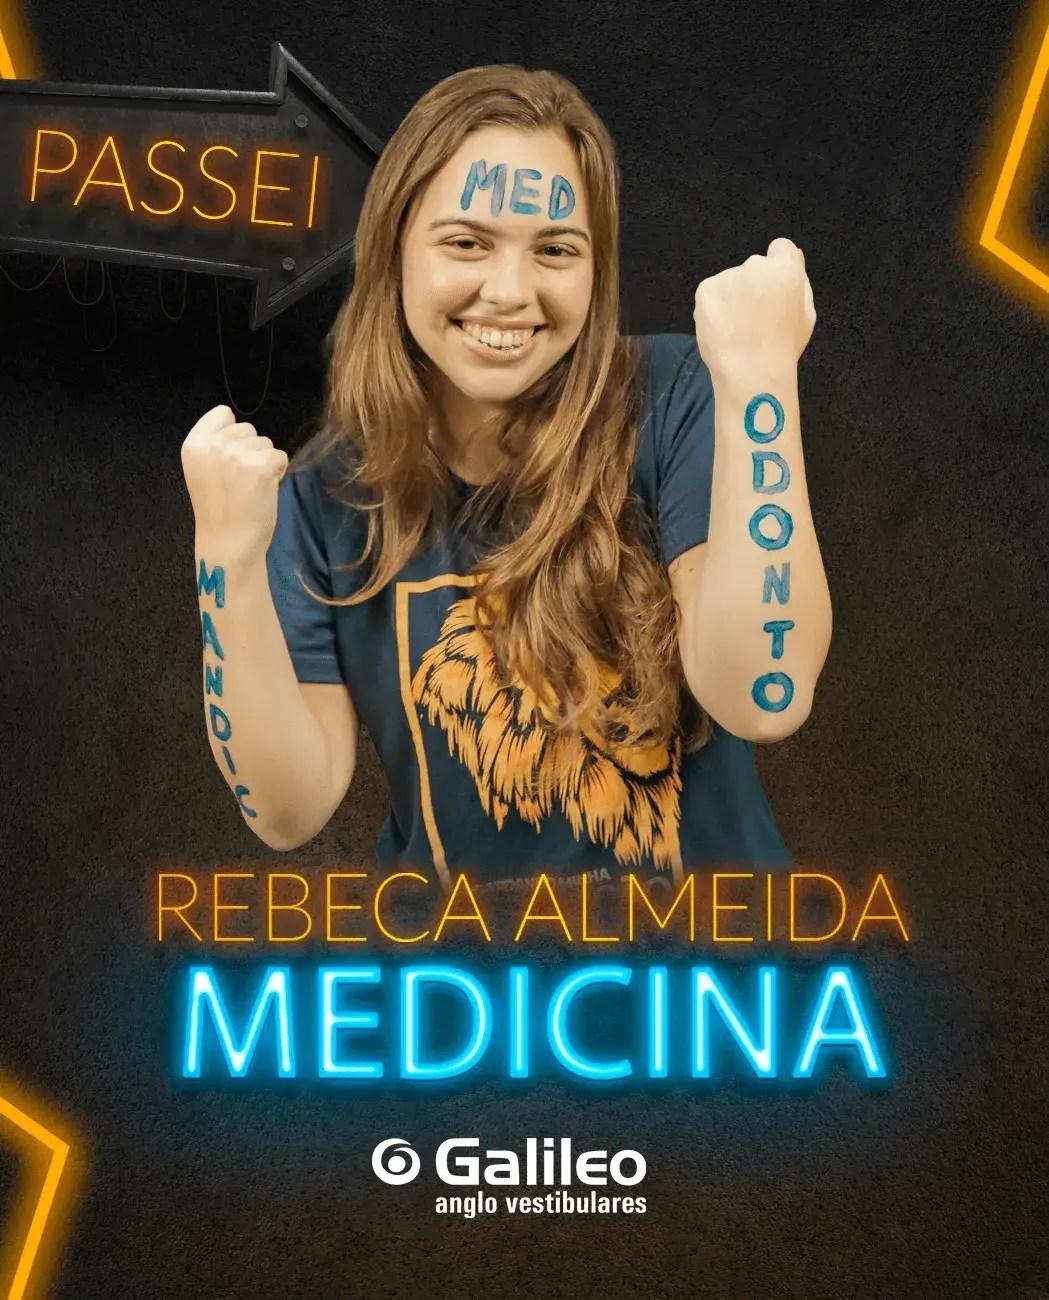 01 - Rebeca Almeida - Medicina-min